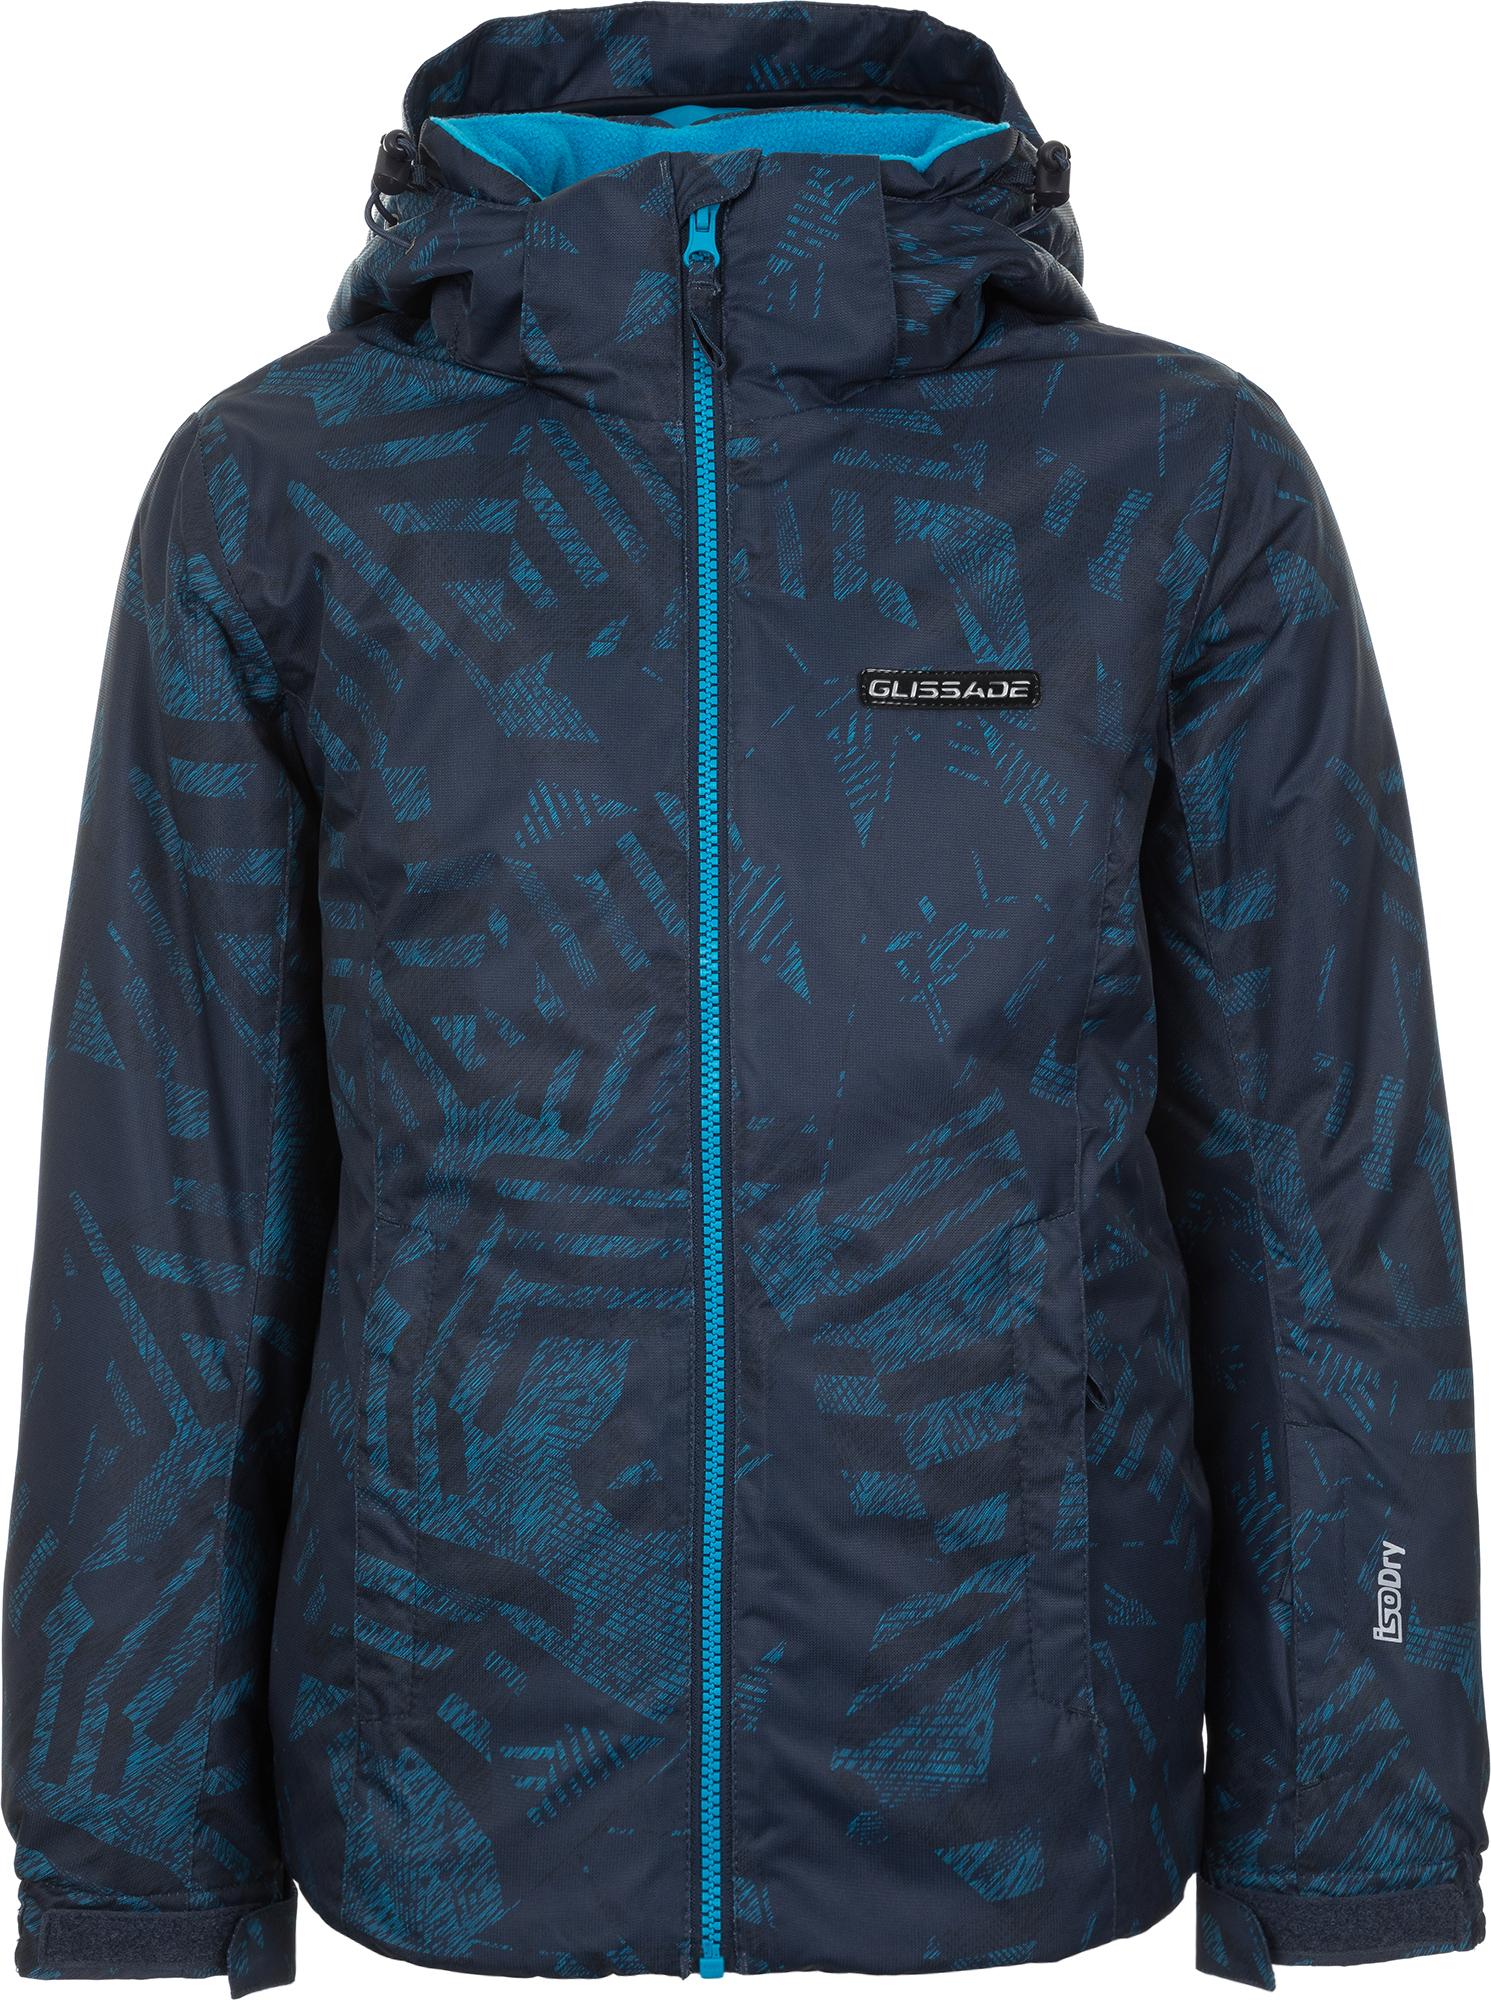 Glissade Куртка утепленная для мальчиков Glissade, размер 164